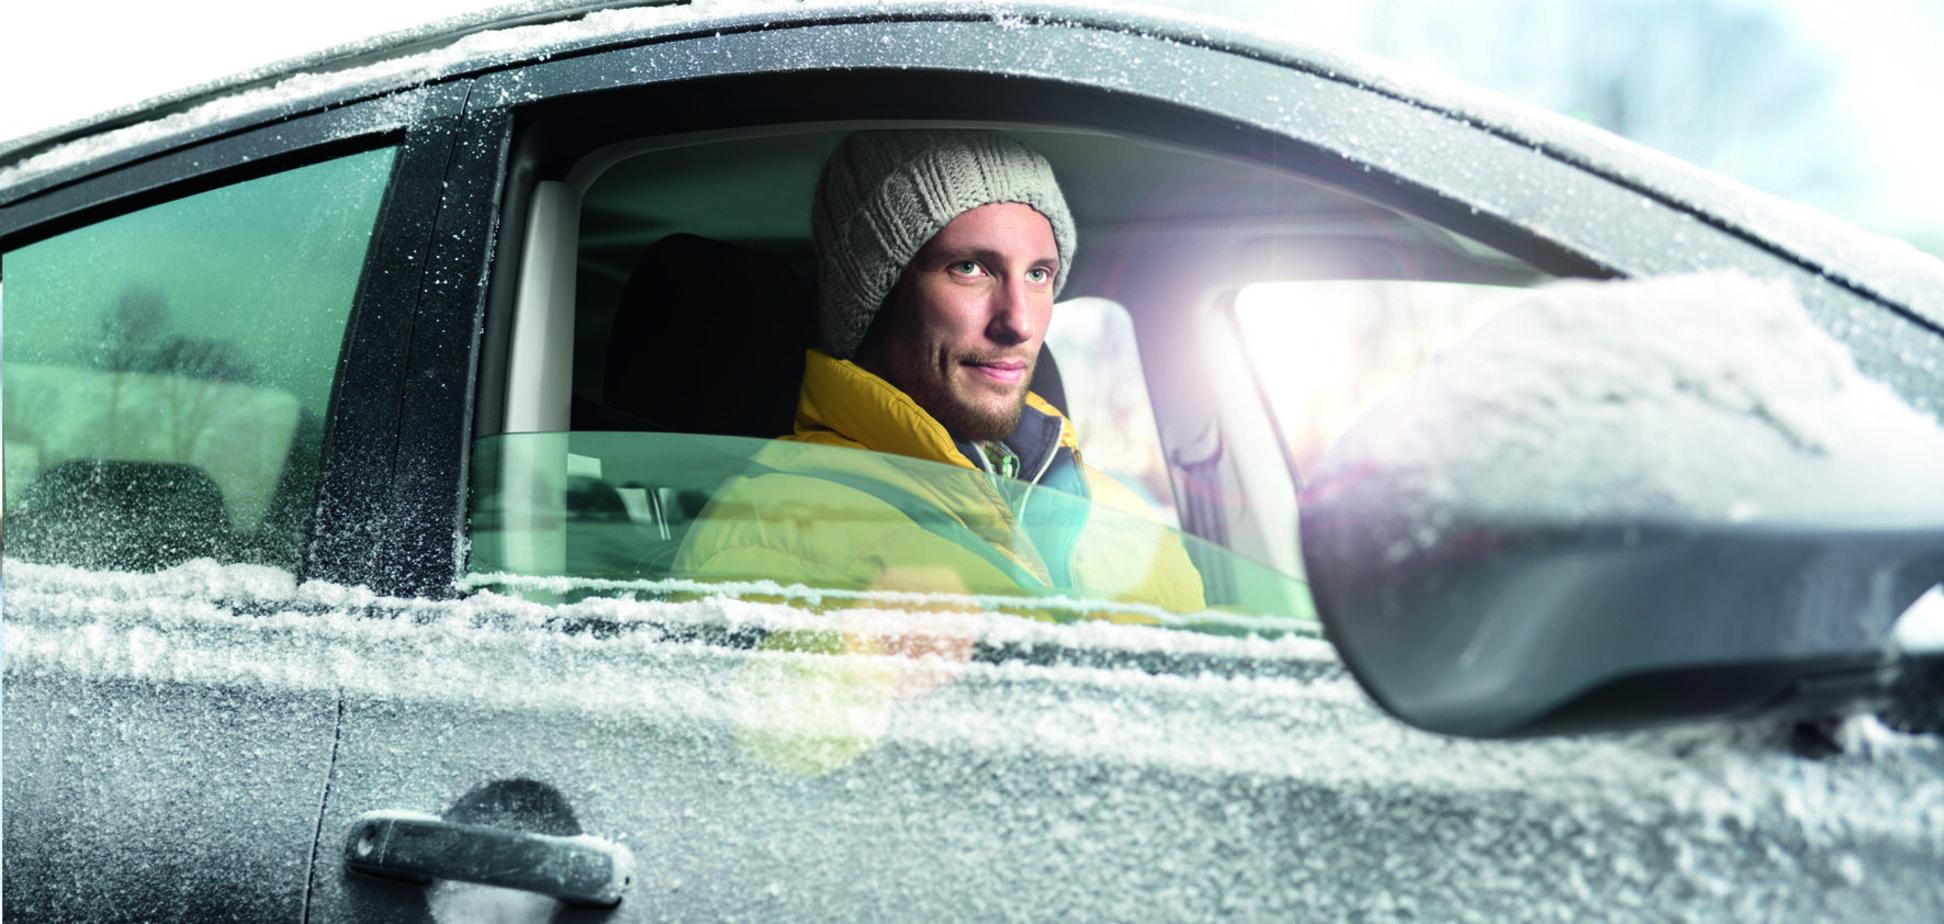 Как запустить мотор в мороз – рекомендации специалистов